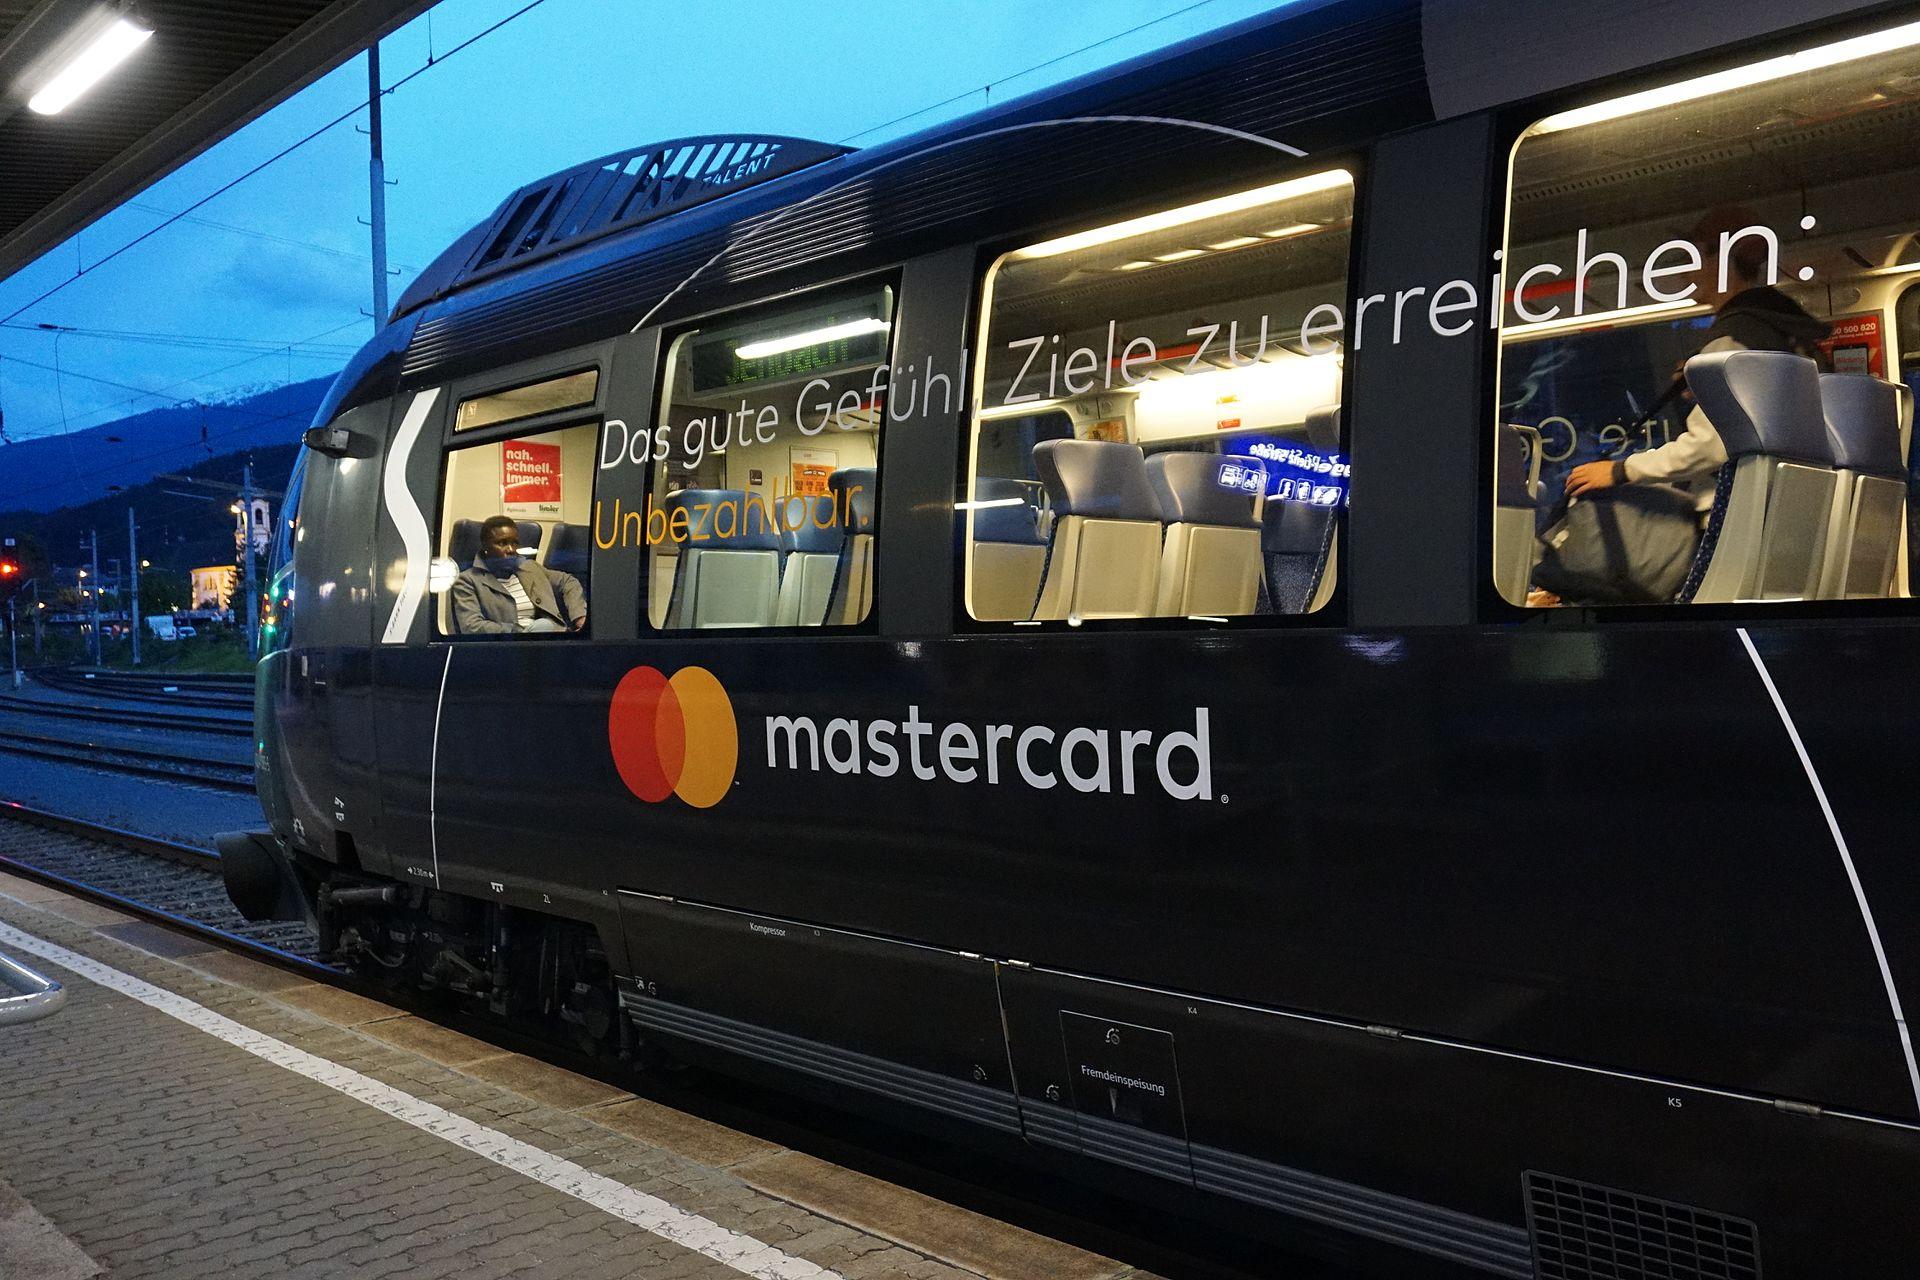 ÖBB_4024_085_Mastercard.jpg